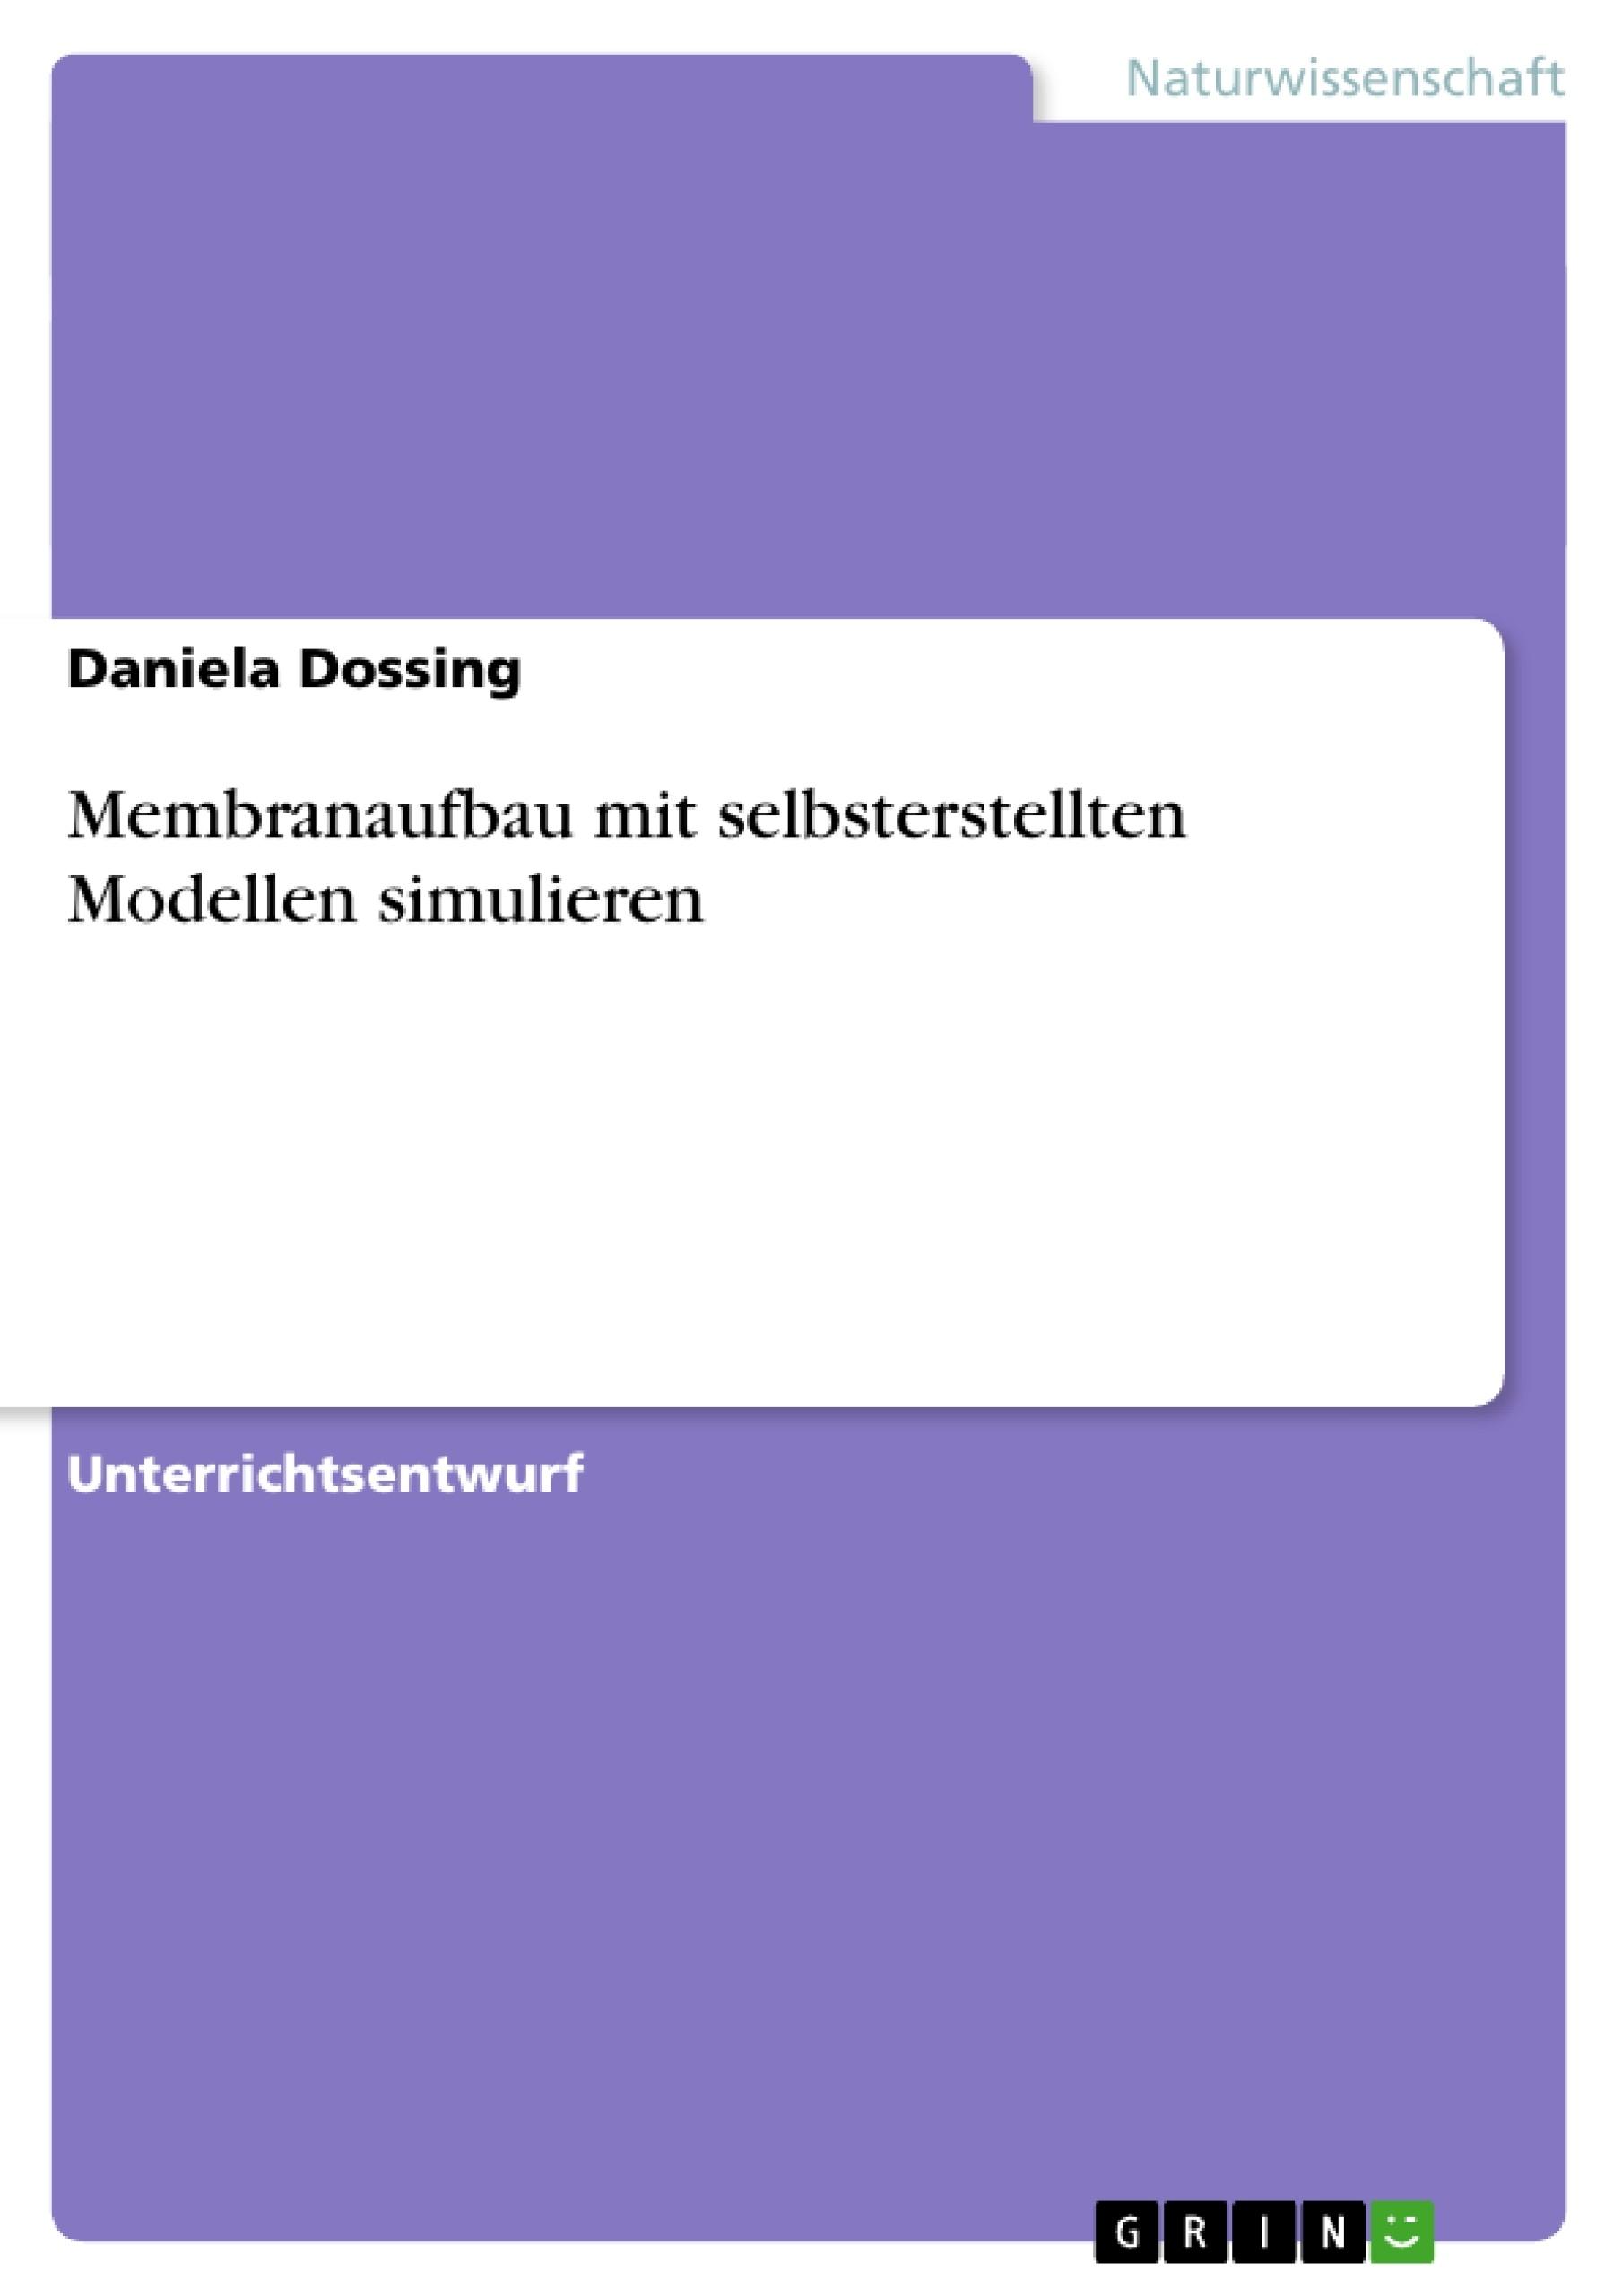 Titel: Membranaufbau mit selbsterstellten Modellen simulieren